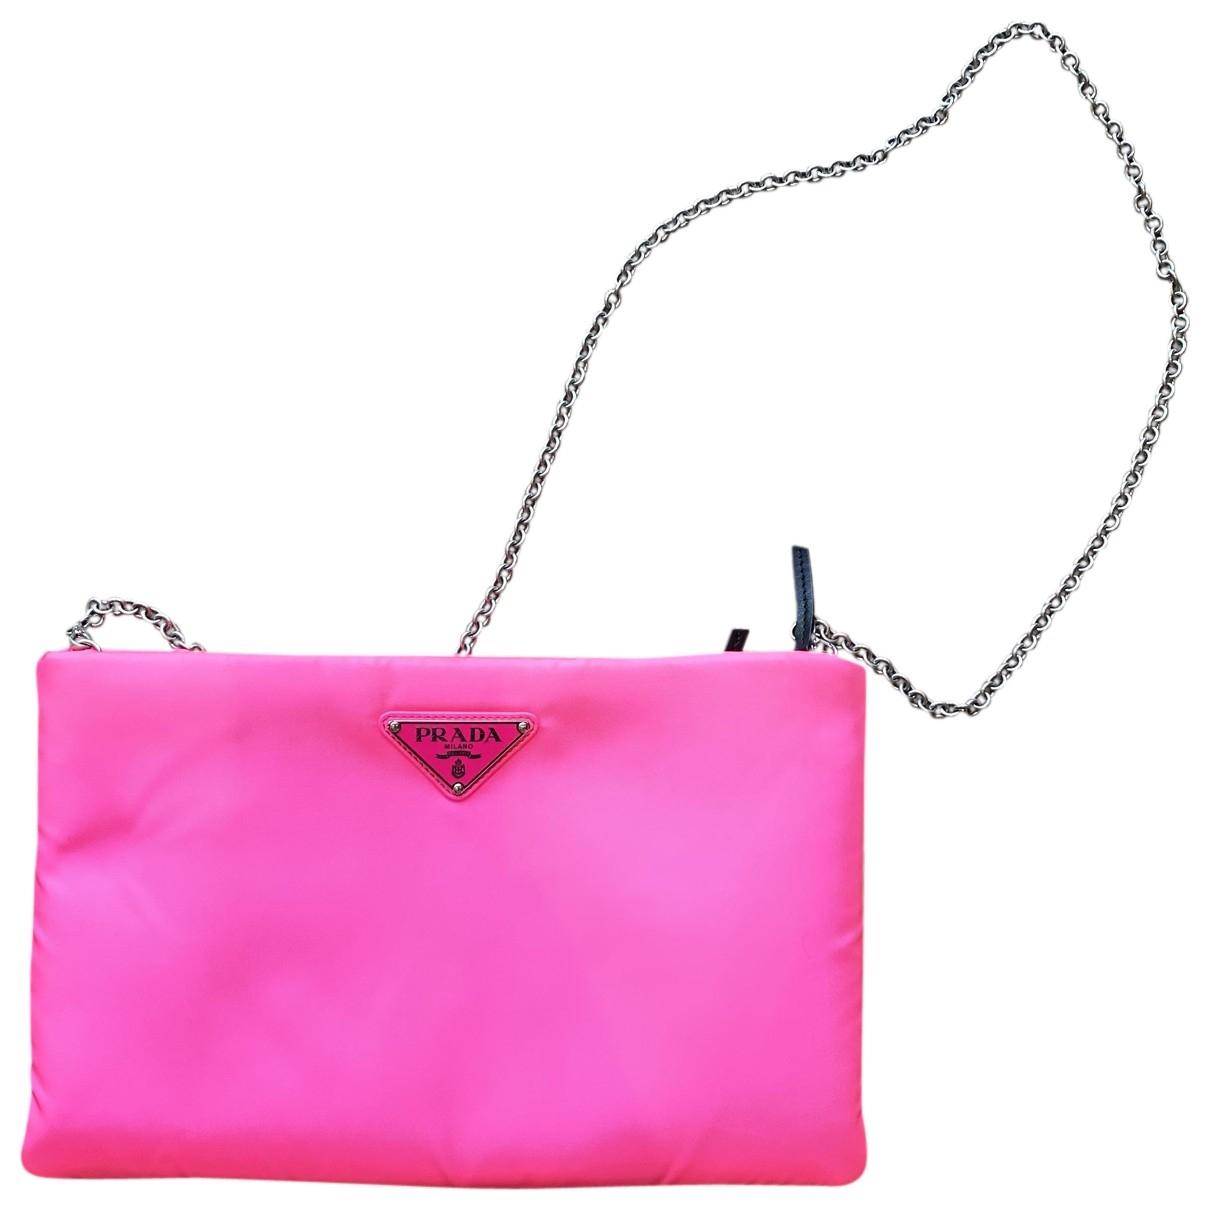 Prada - Pochette   pour femme en toile - rose